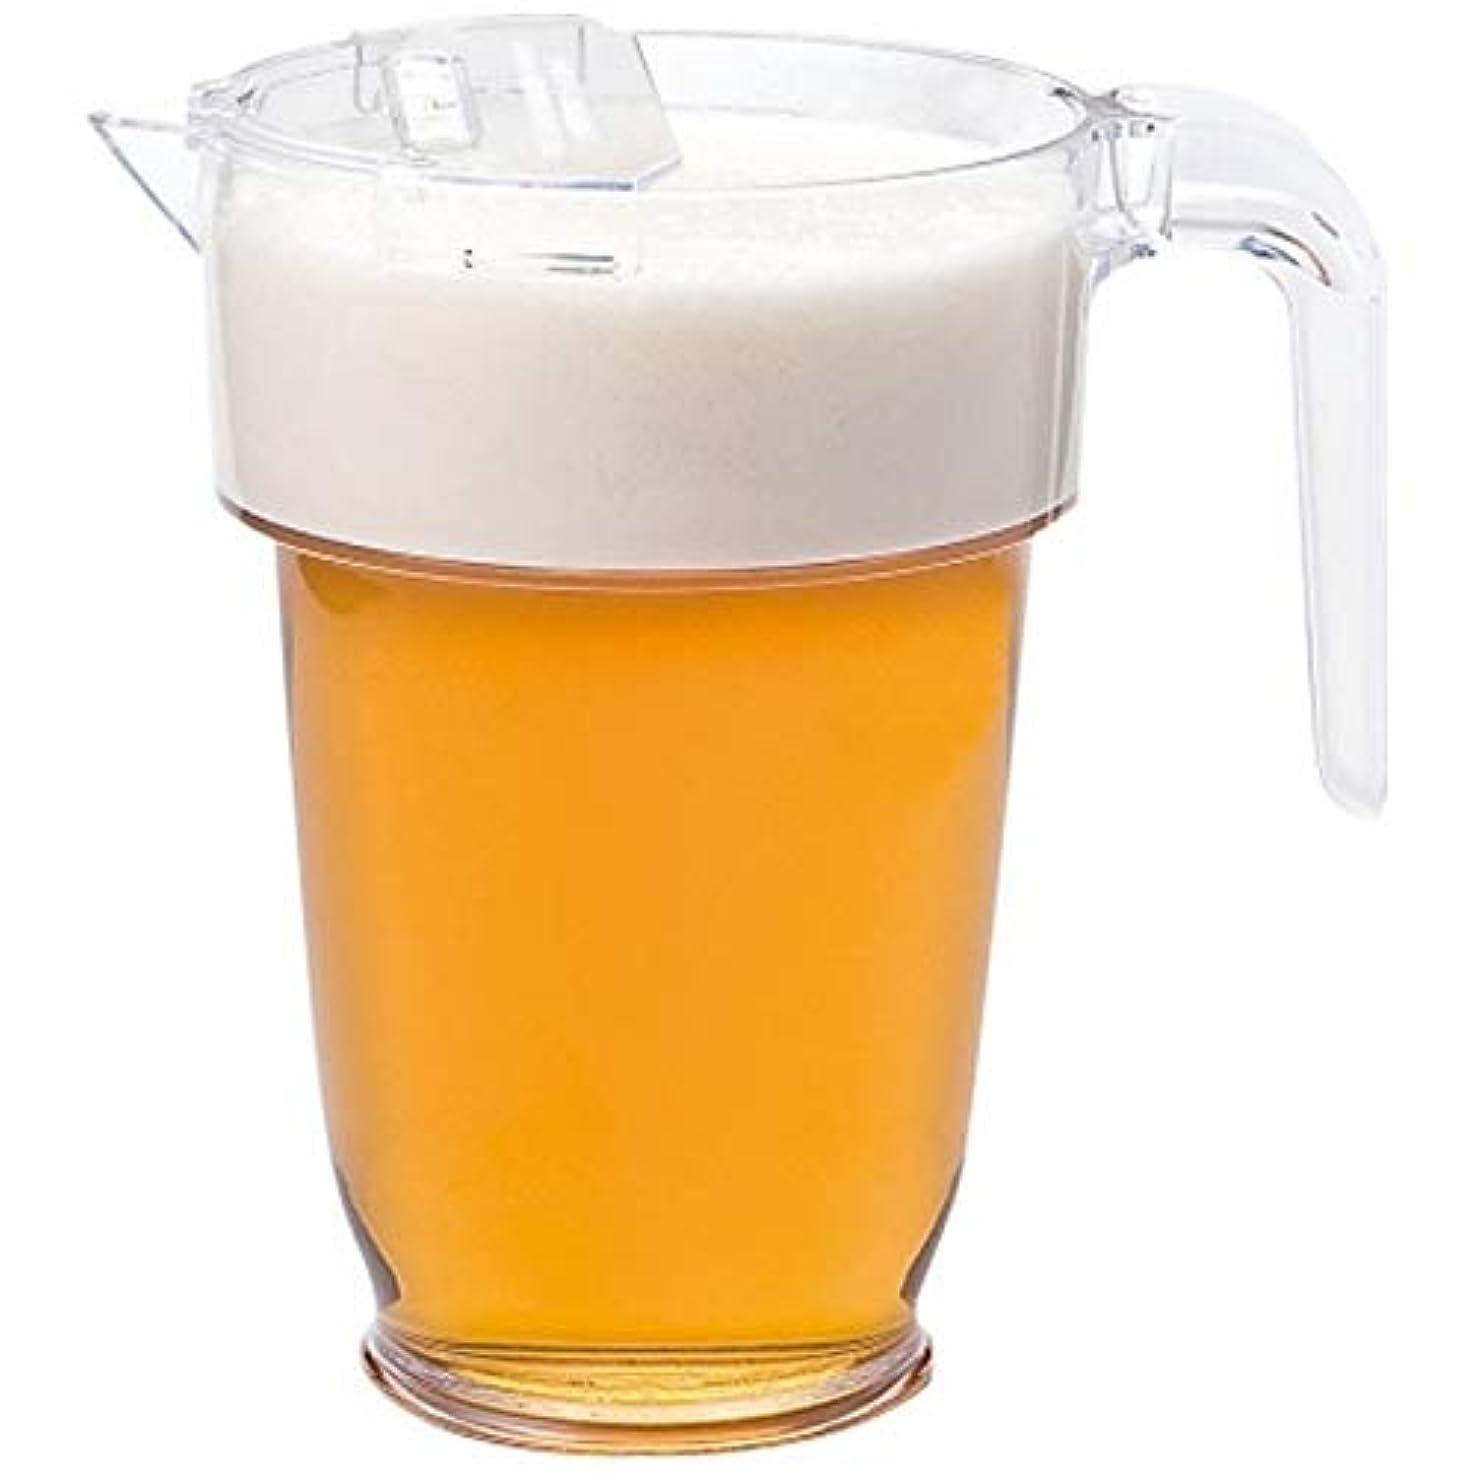 穏やかな釈義竜巻スタッキング ビールピッチャー(専用フタ付)